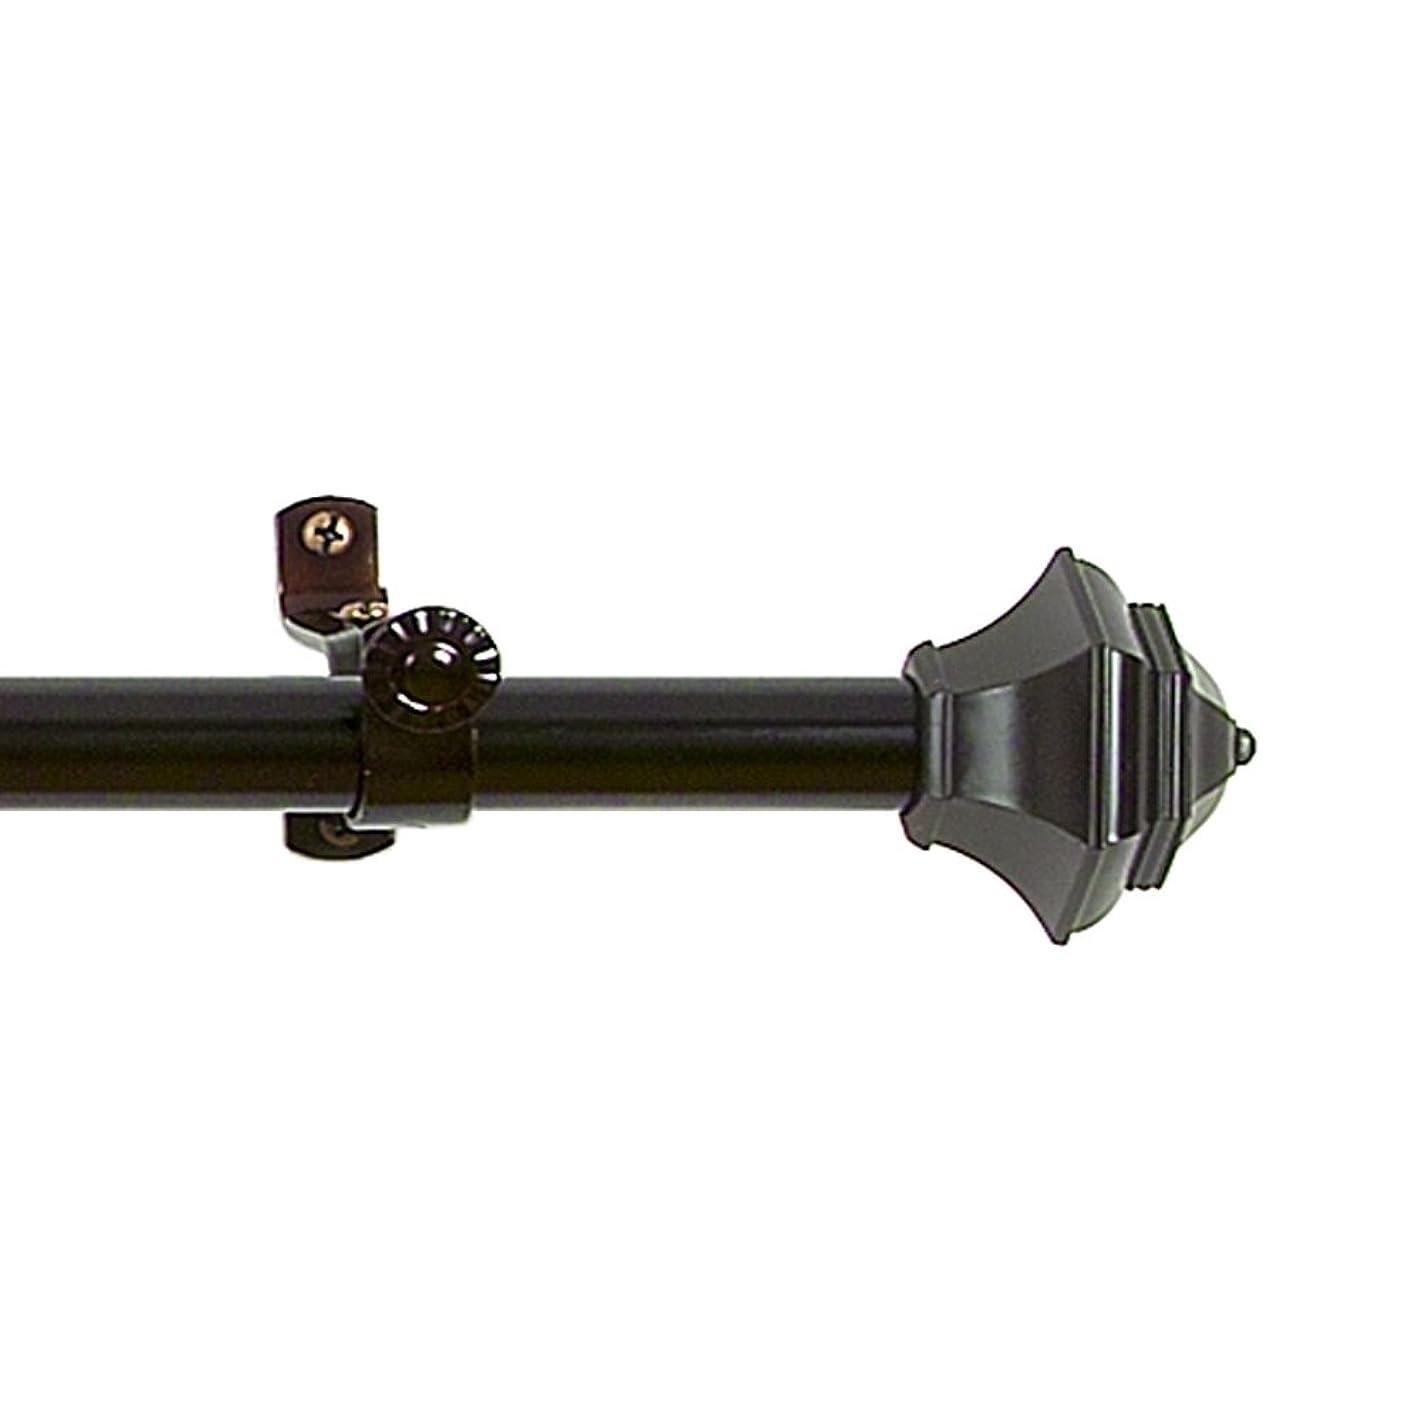 上院議員驚くばかり健康Achim Home Furnishings Buono II Jordanカーテンロッドwithフィニアル 66 inches to 120 inches ブラック RDJNM66120